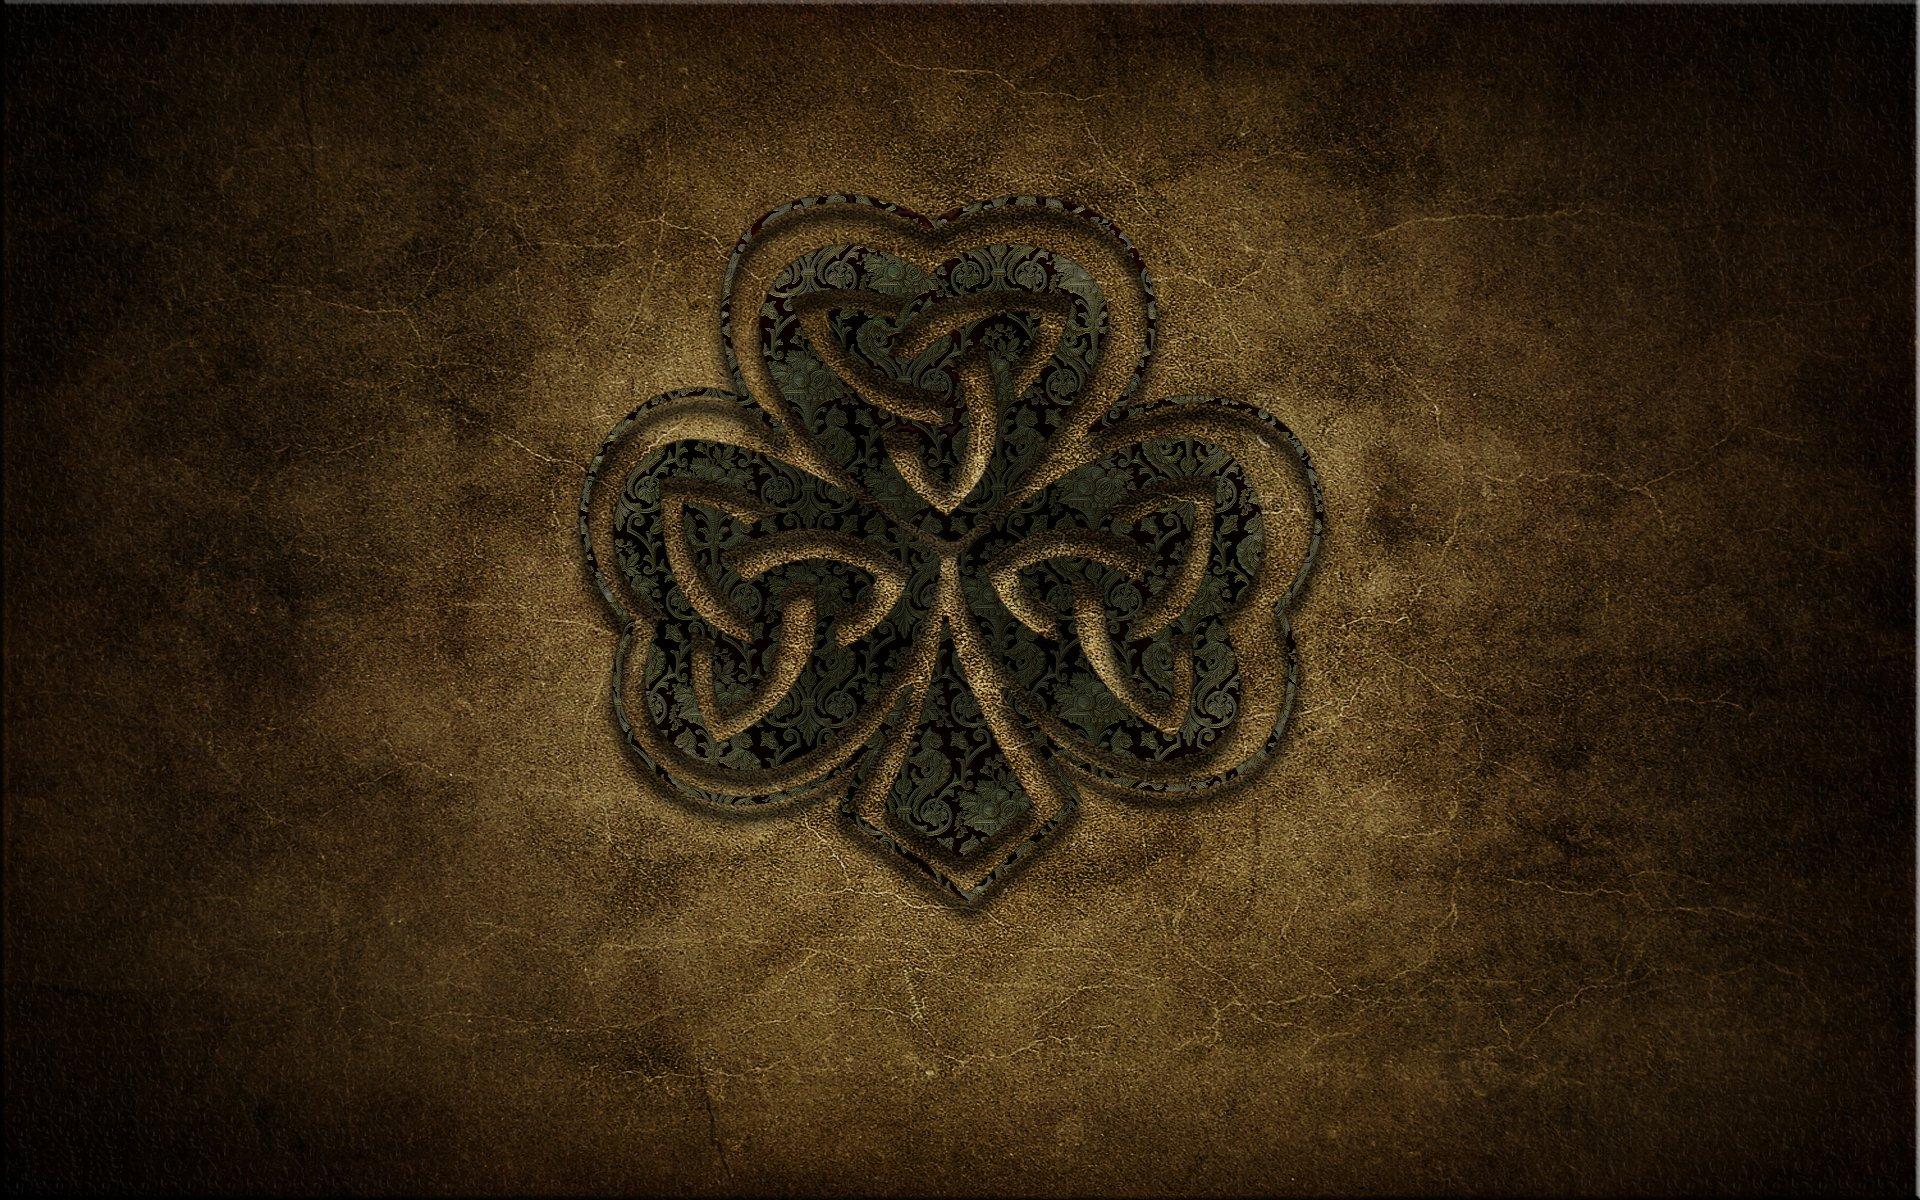 Celtic Wallpaper For Computer  WallpaperSafari